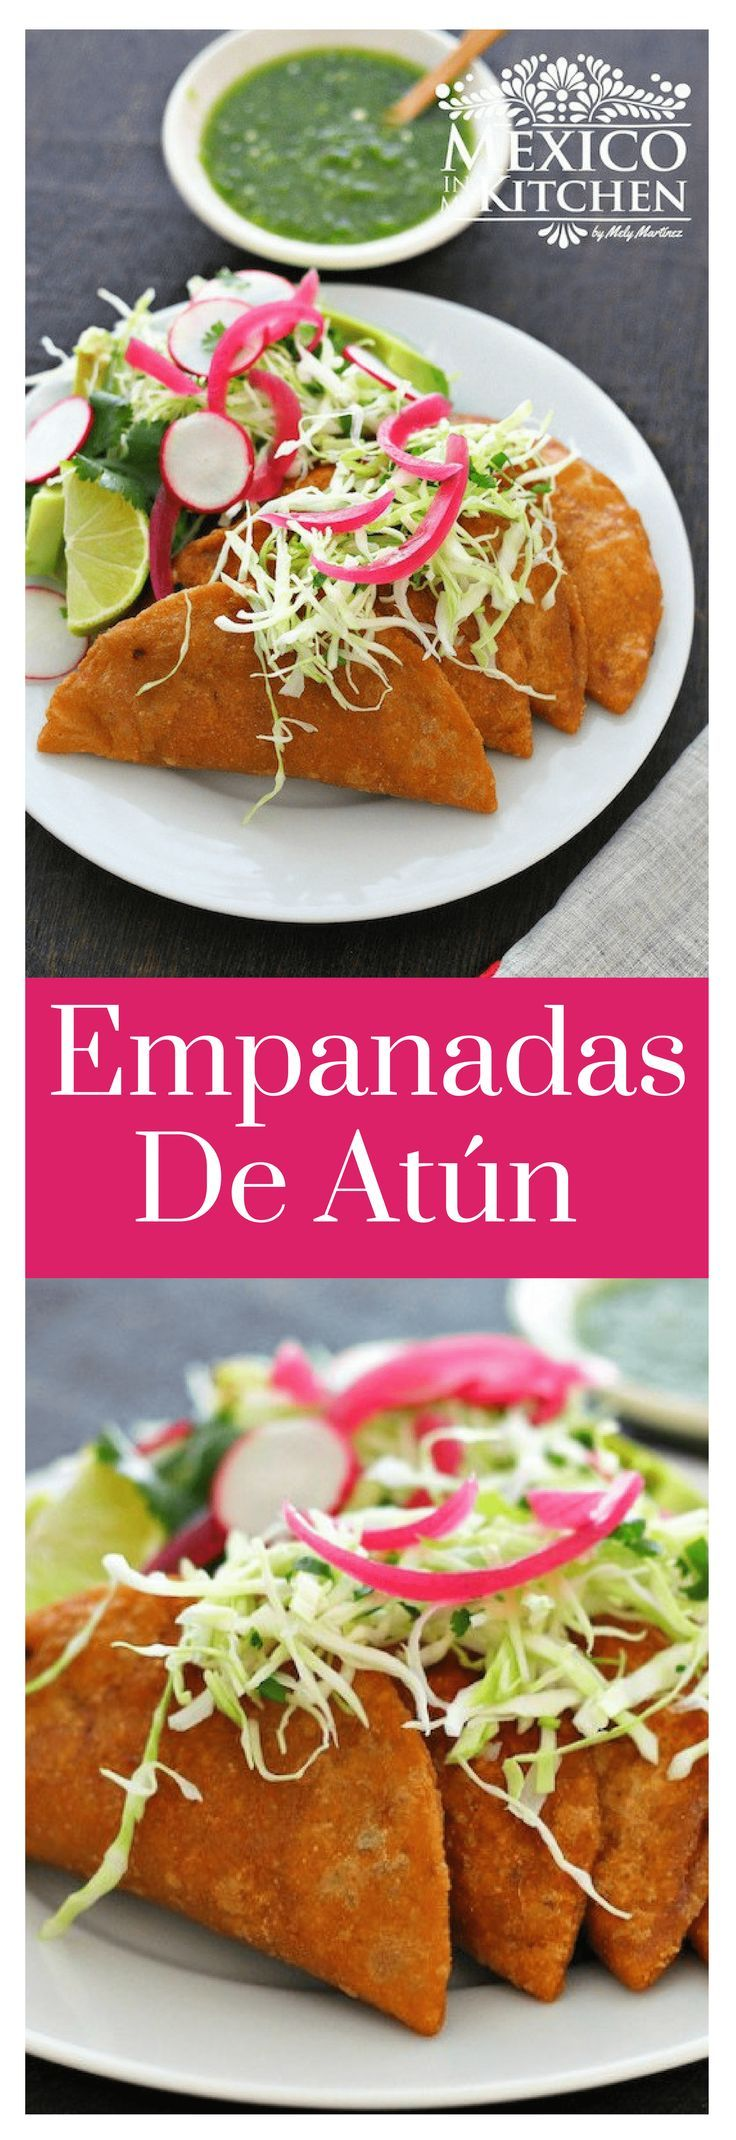 Estas Empanadas de Atún me hacen recordar esos calurosos días de verano en la playa de mi ciudad natal de Tampico.#saboresdemexico #mexicoenmicocina #empanadas #atun